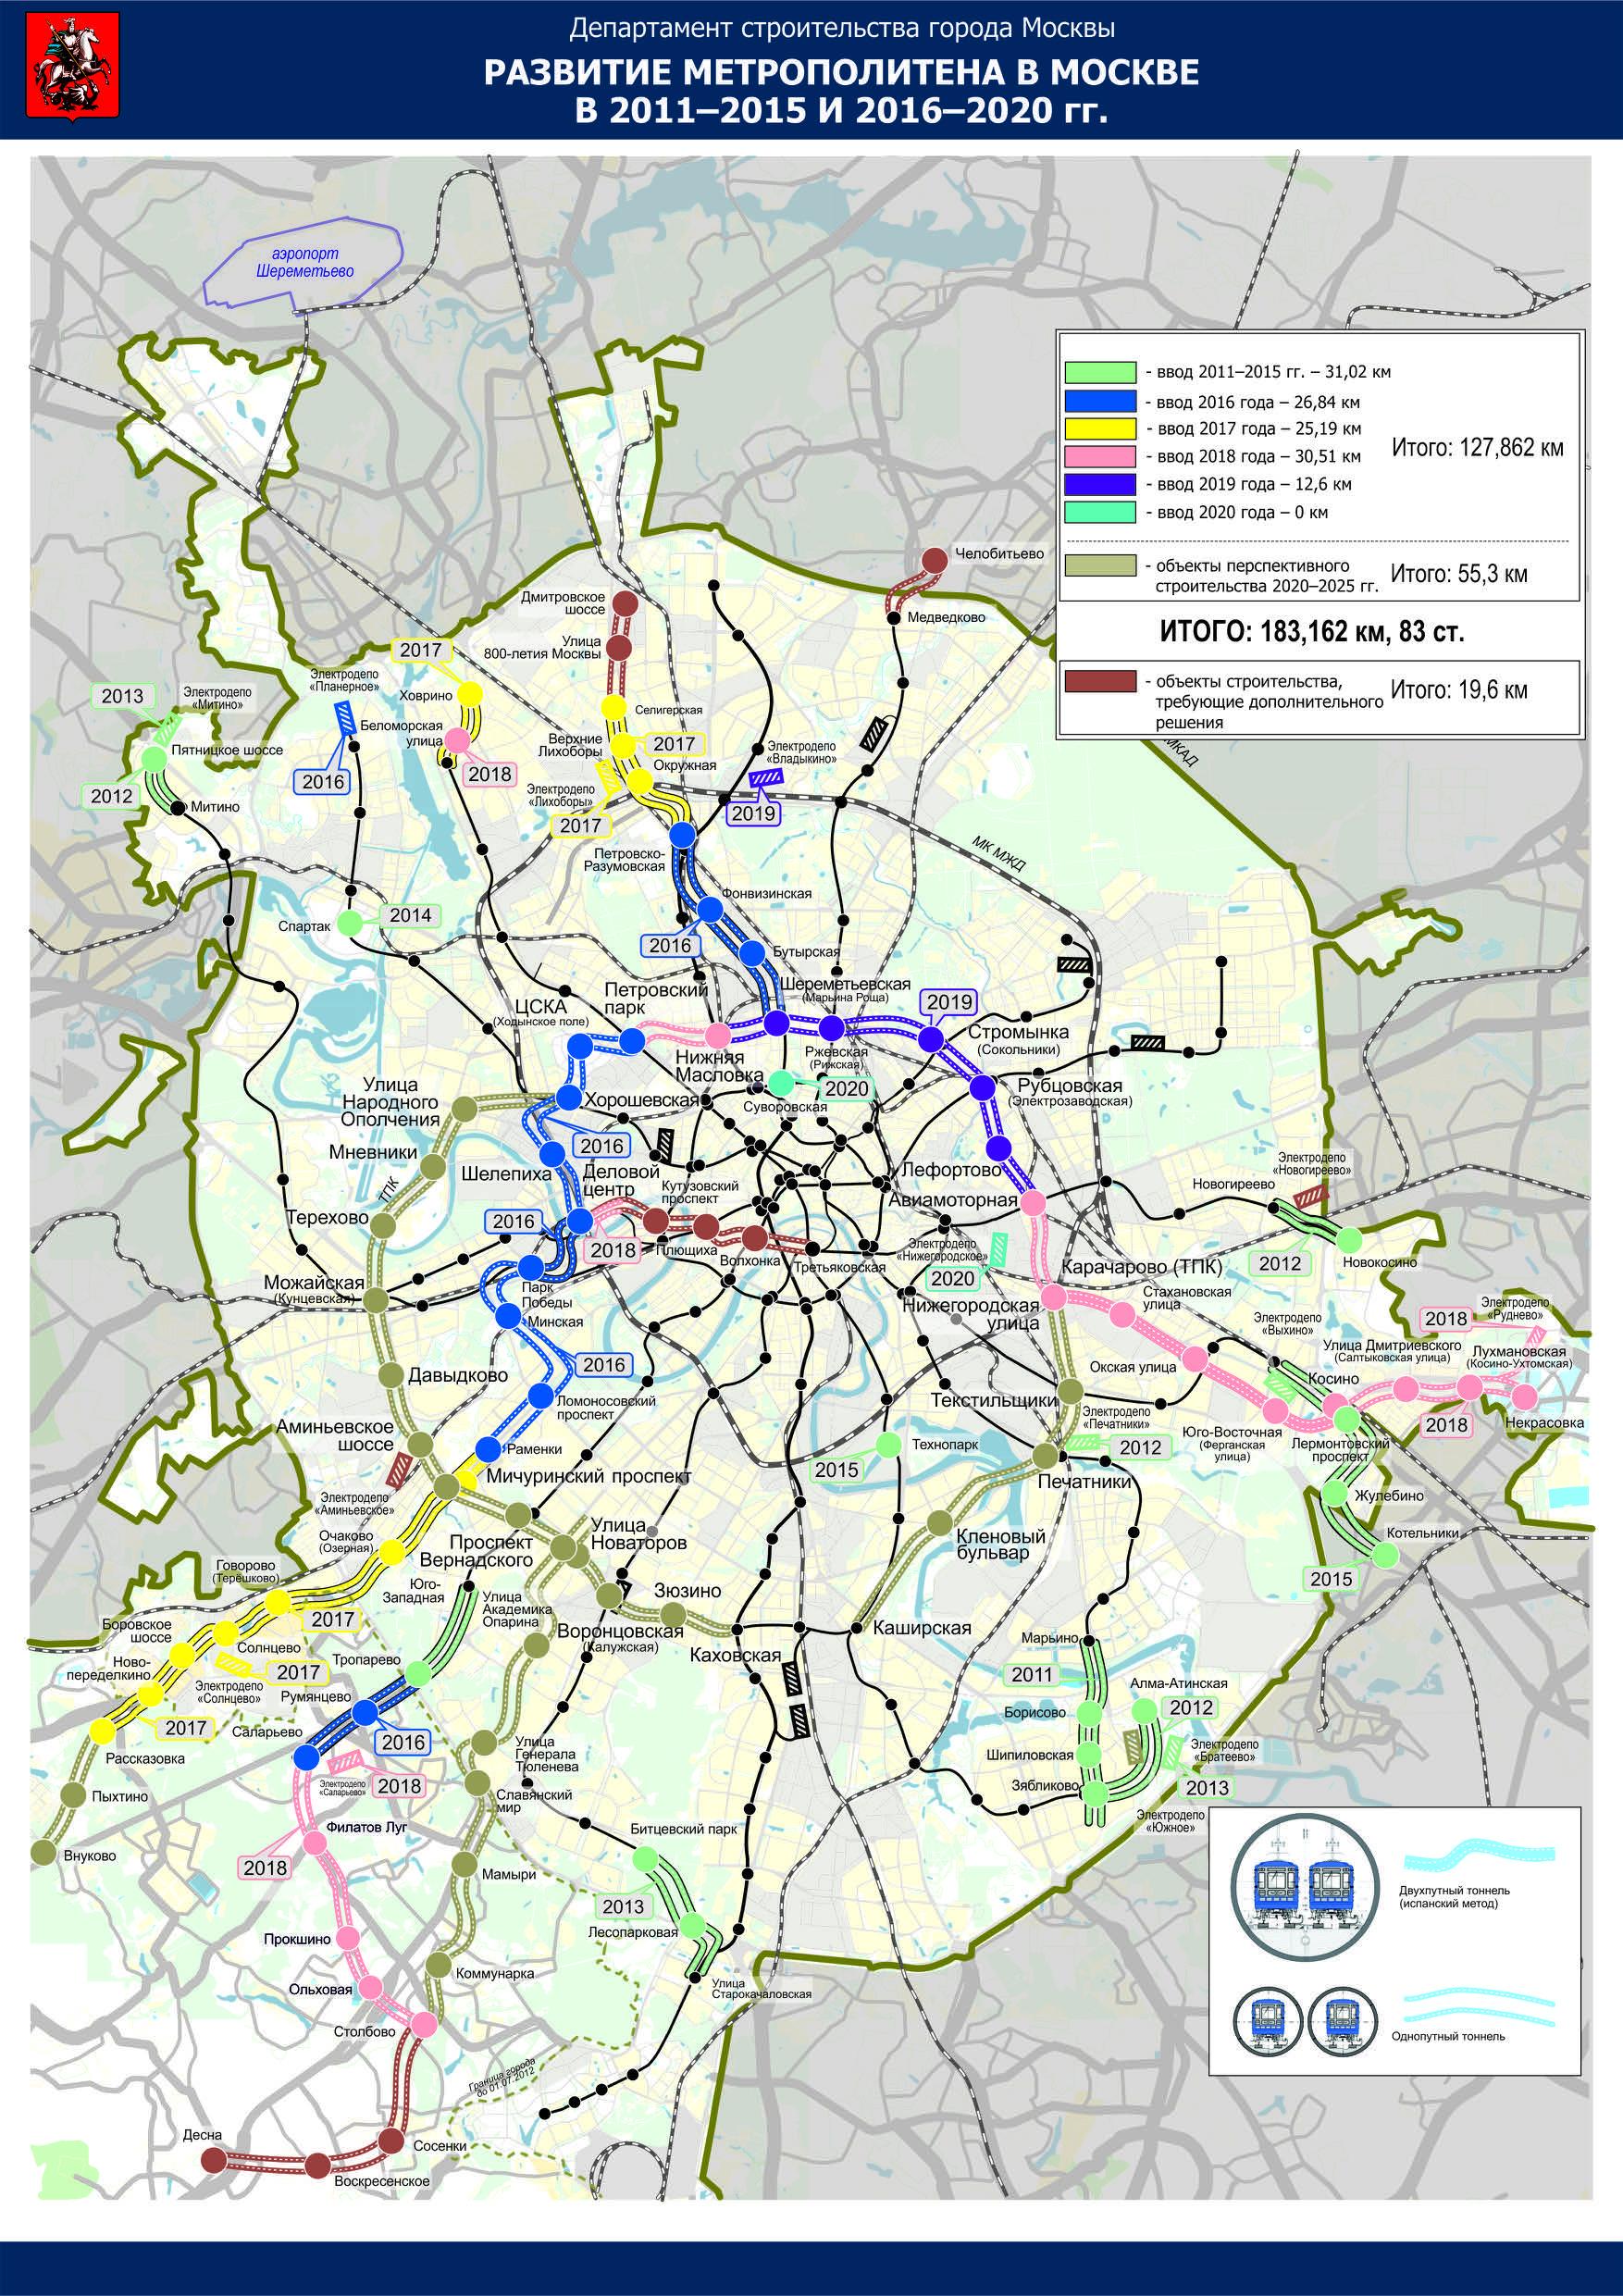 Схема метро к 2020 году фото